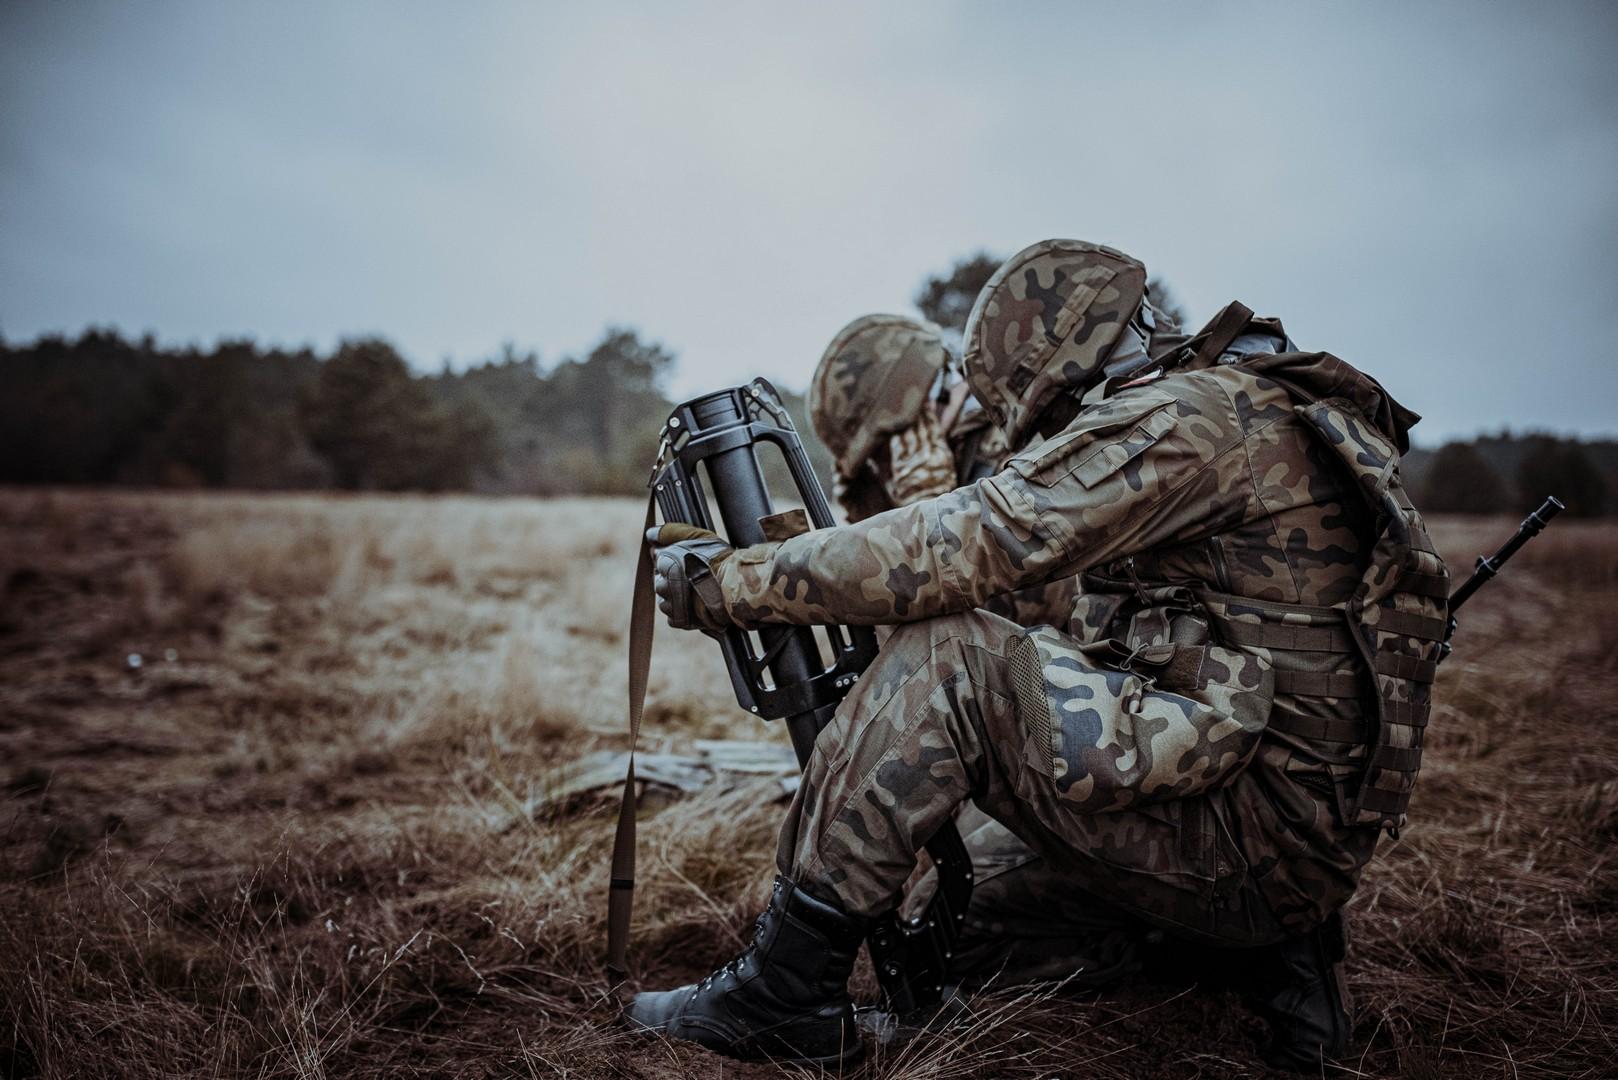 ferie z wot 2021 3 Ferie w mundurze. 67 ochotników rozpoczęło szkolenie